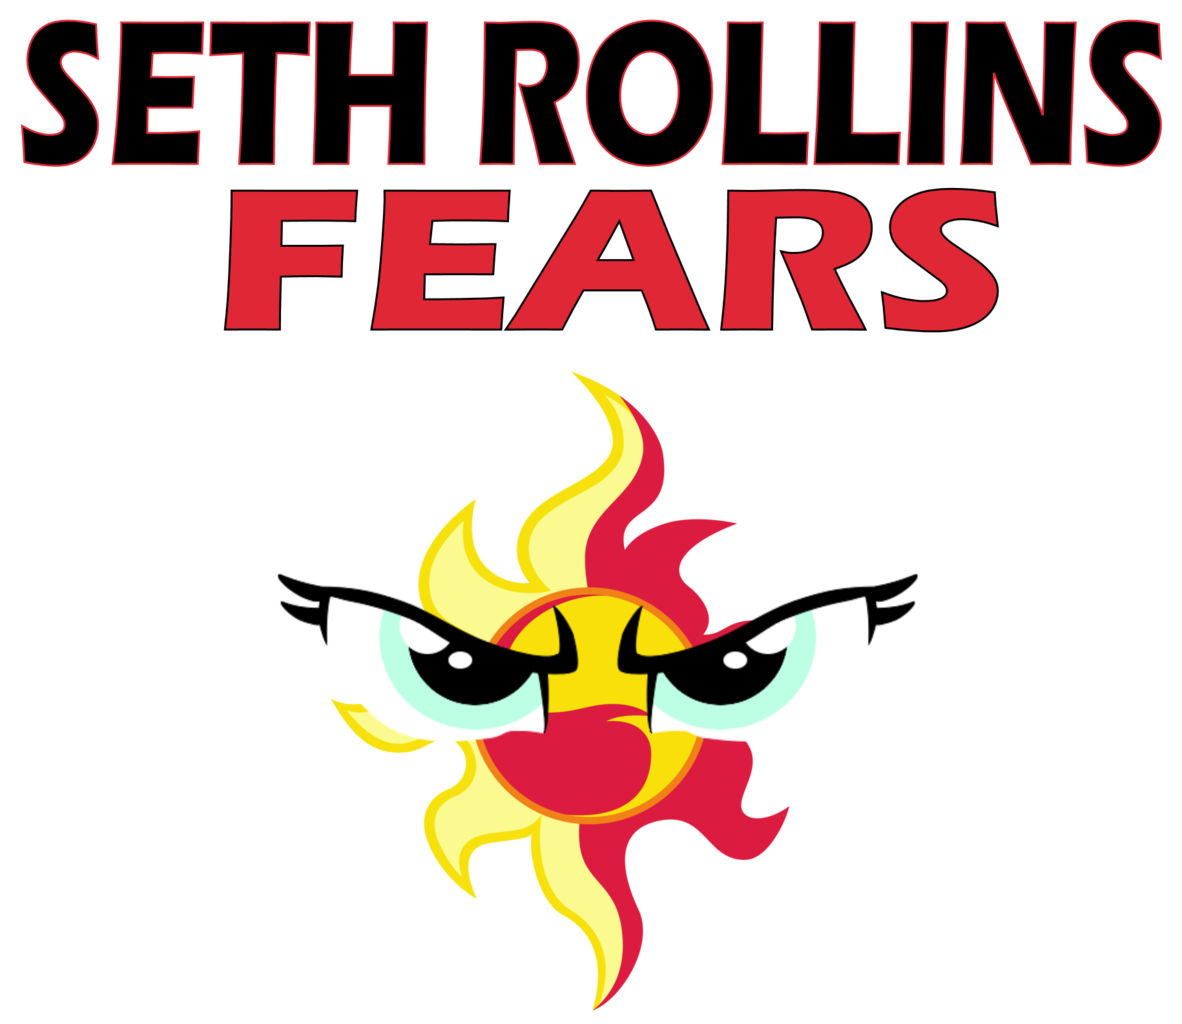 840877 artist shafty817 safe seth rollins seth rollins fears